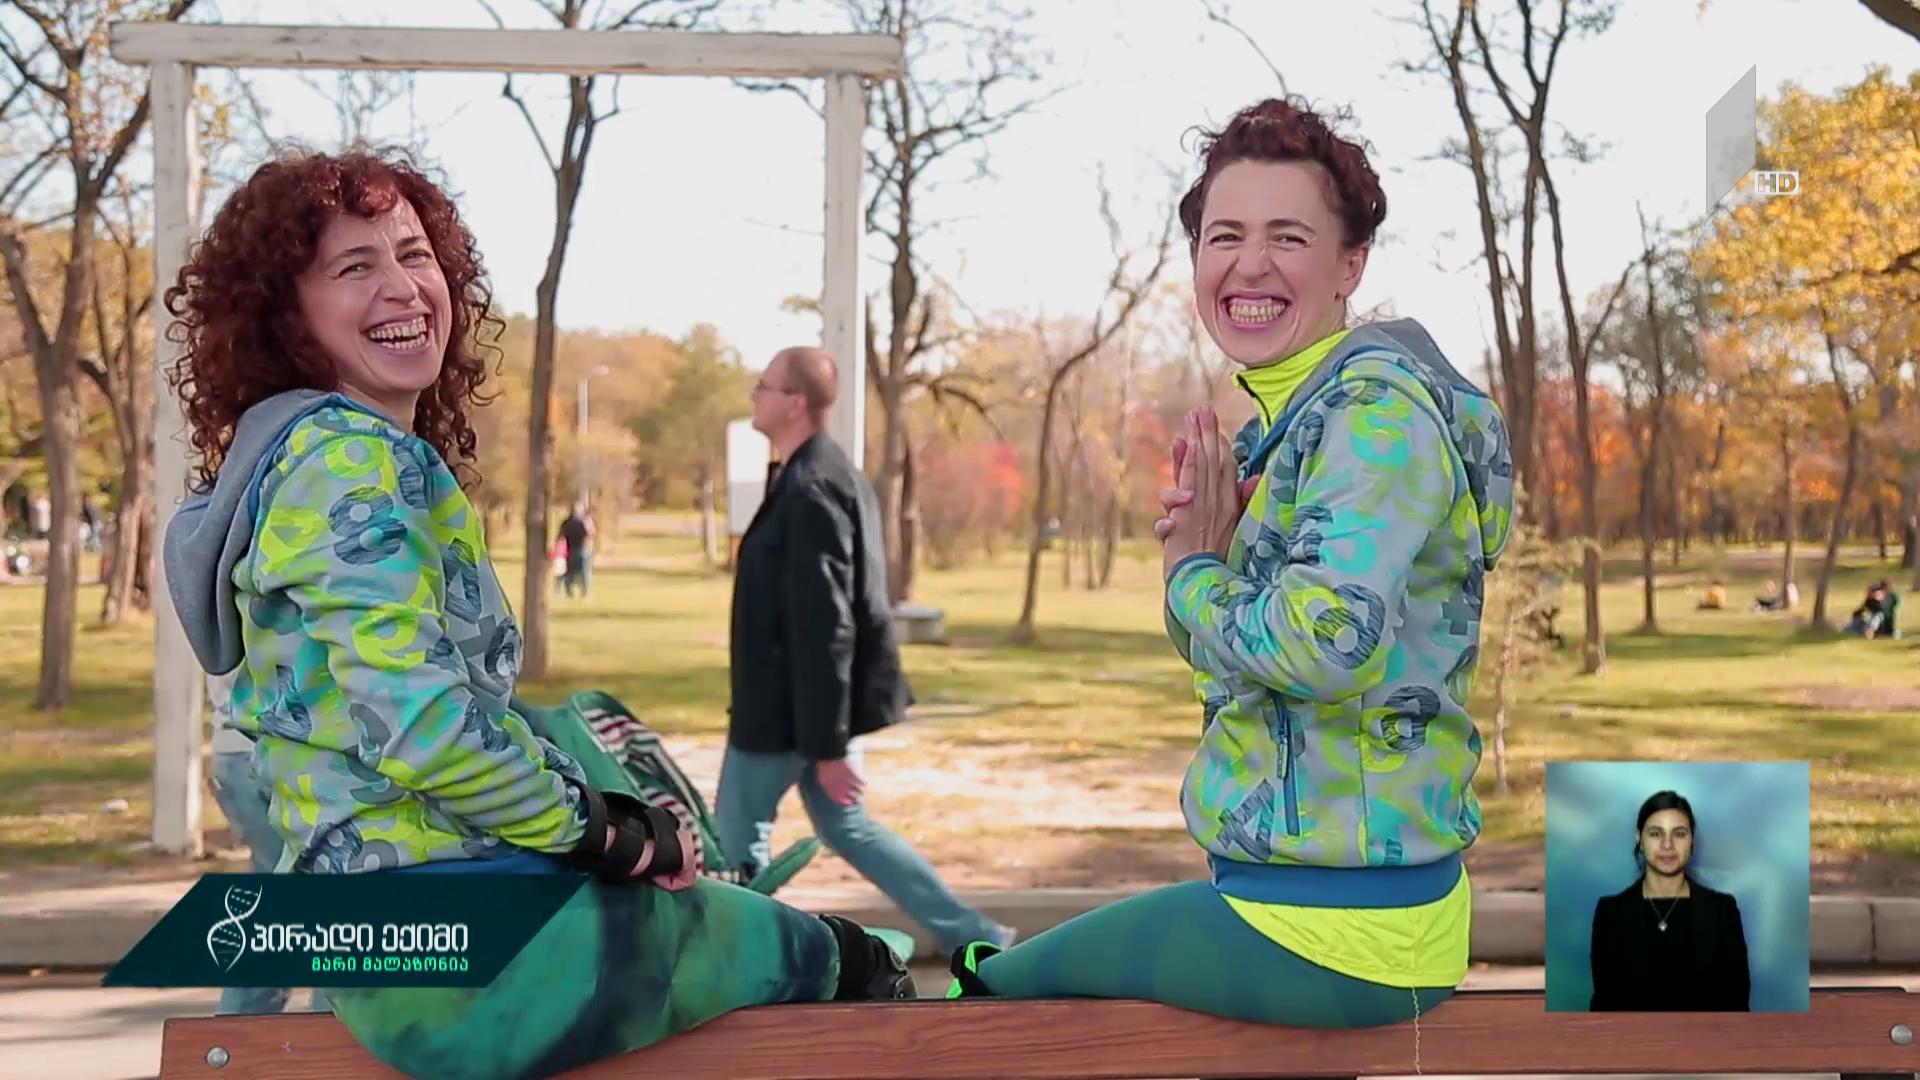 ჩვენ ავირჩიეთ ჯანსაღი ცხოვრების წესი - ტყუპების ისტორია